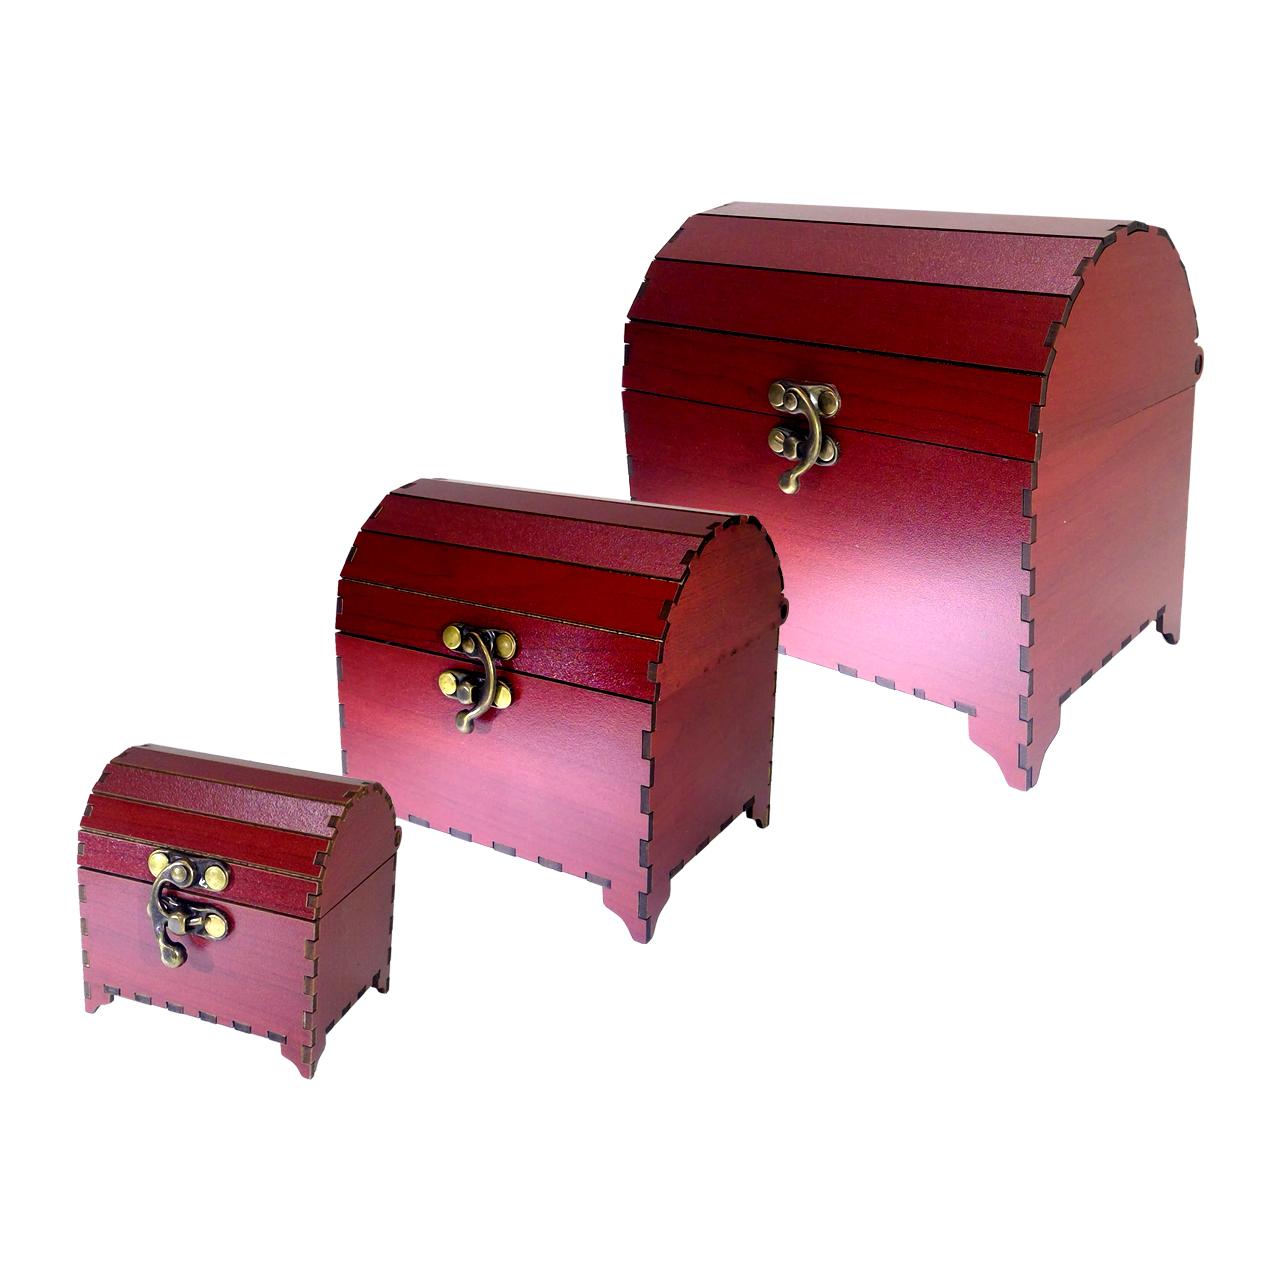 قیمت جعبه جواهرات فامسین مدل صندوقچه ای ساده بسته 3 عددی